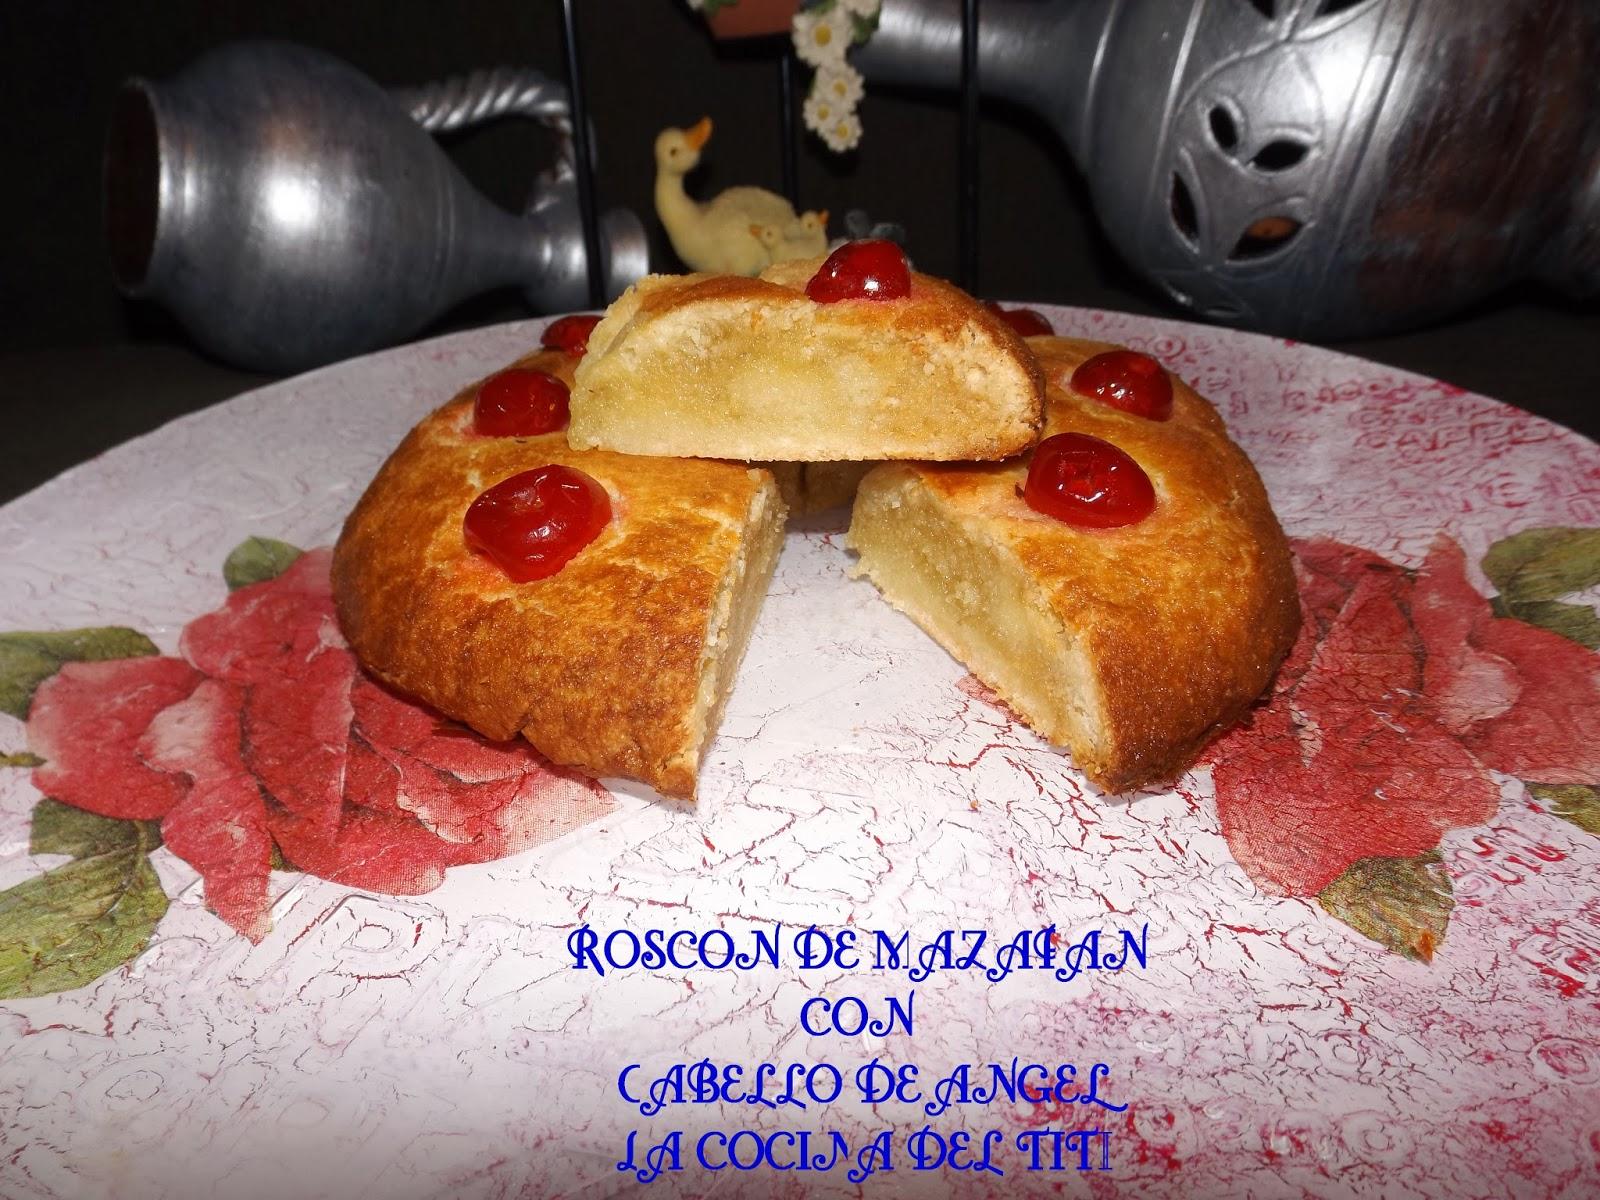 Roscon de Mazap...